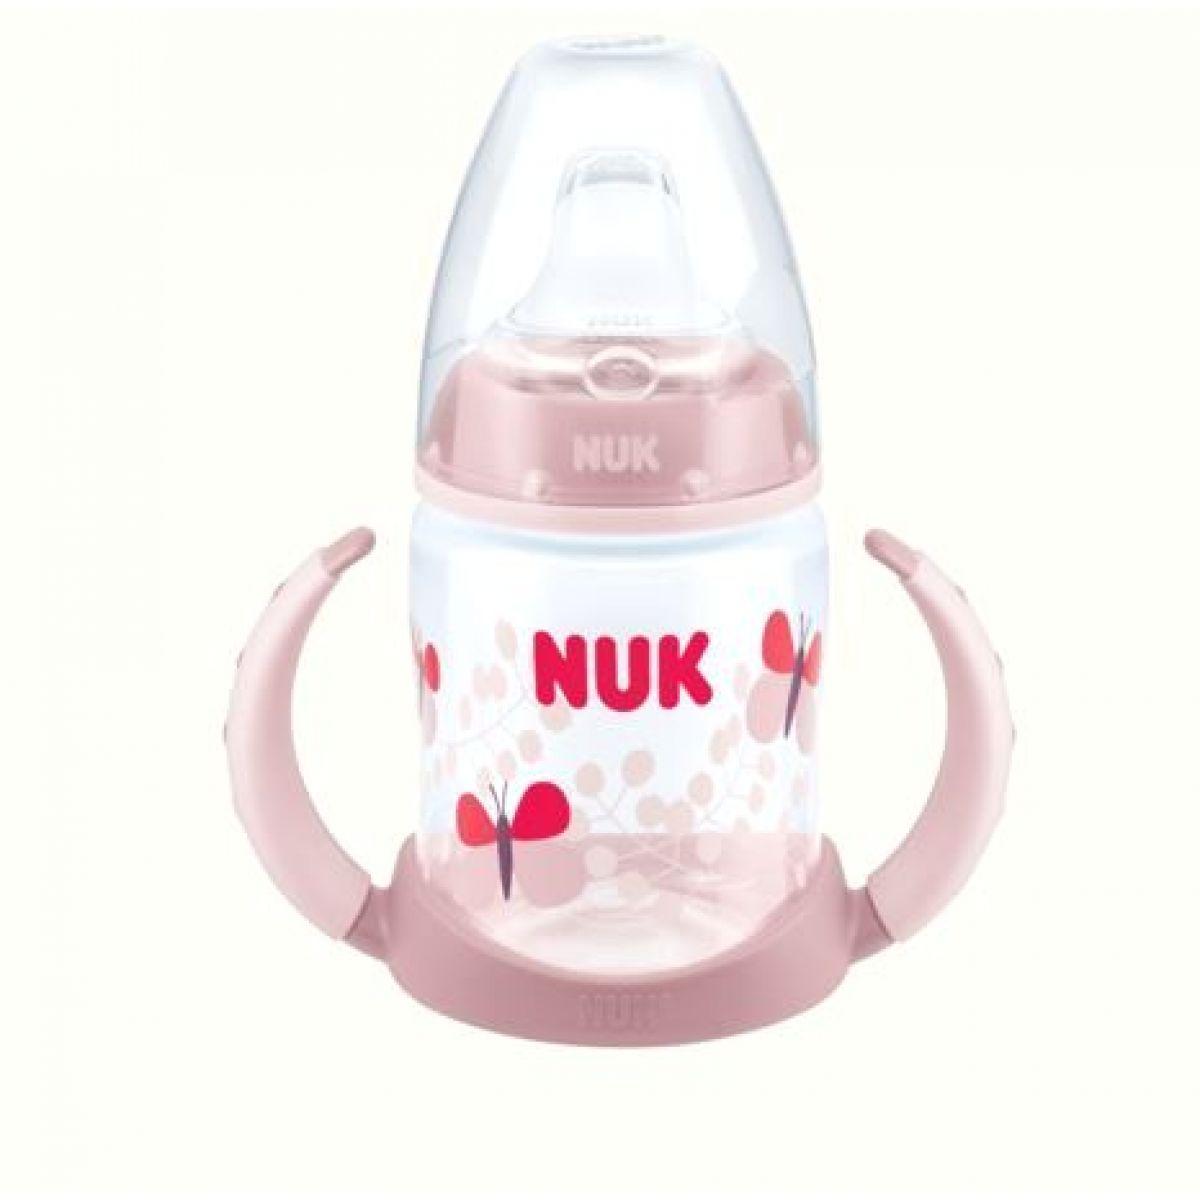 Nuk FC Lahvička na učení 150 ml - Světle růžová